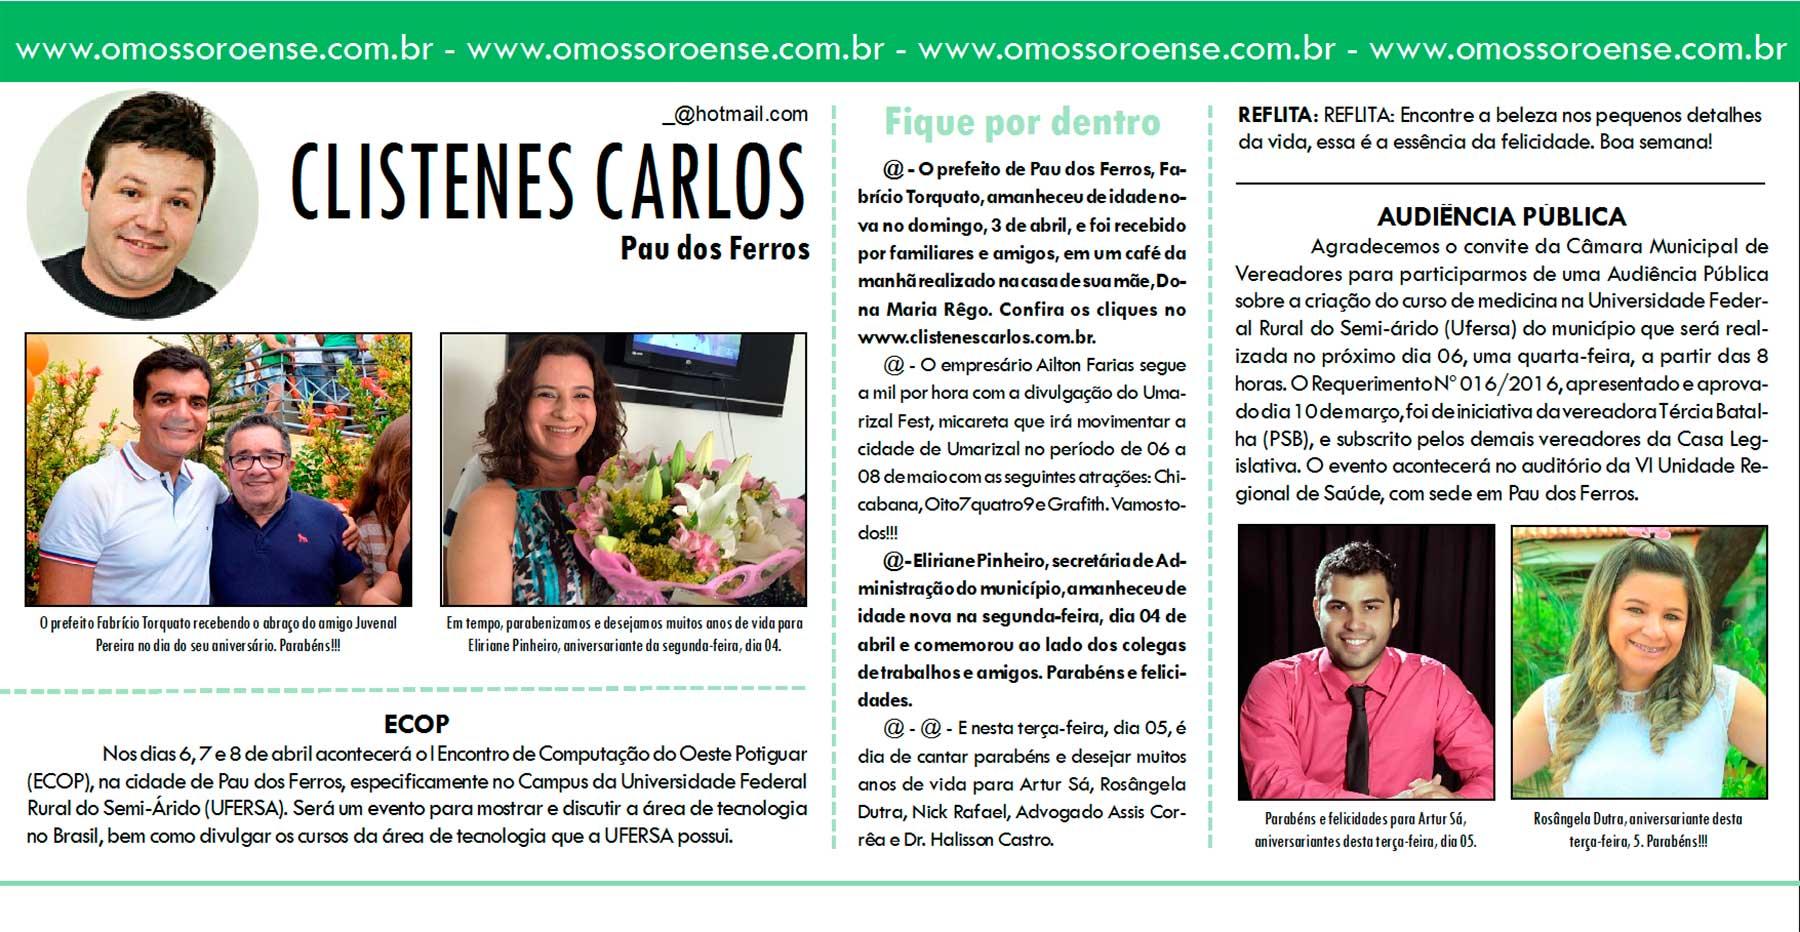 CLISTENES-CARLOS-05-04-2016